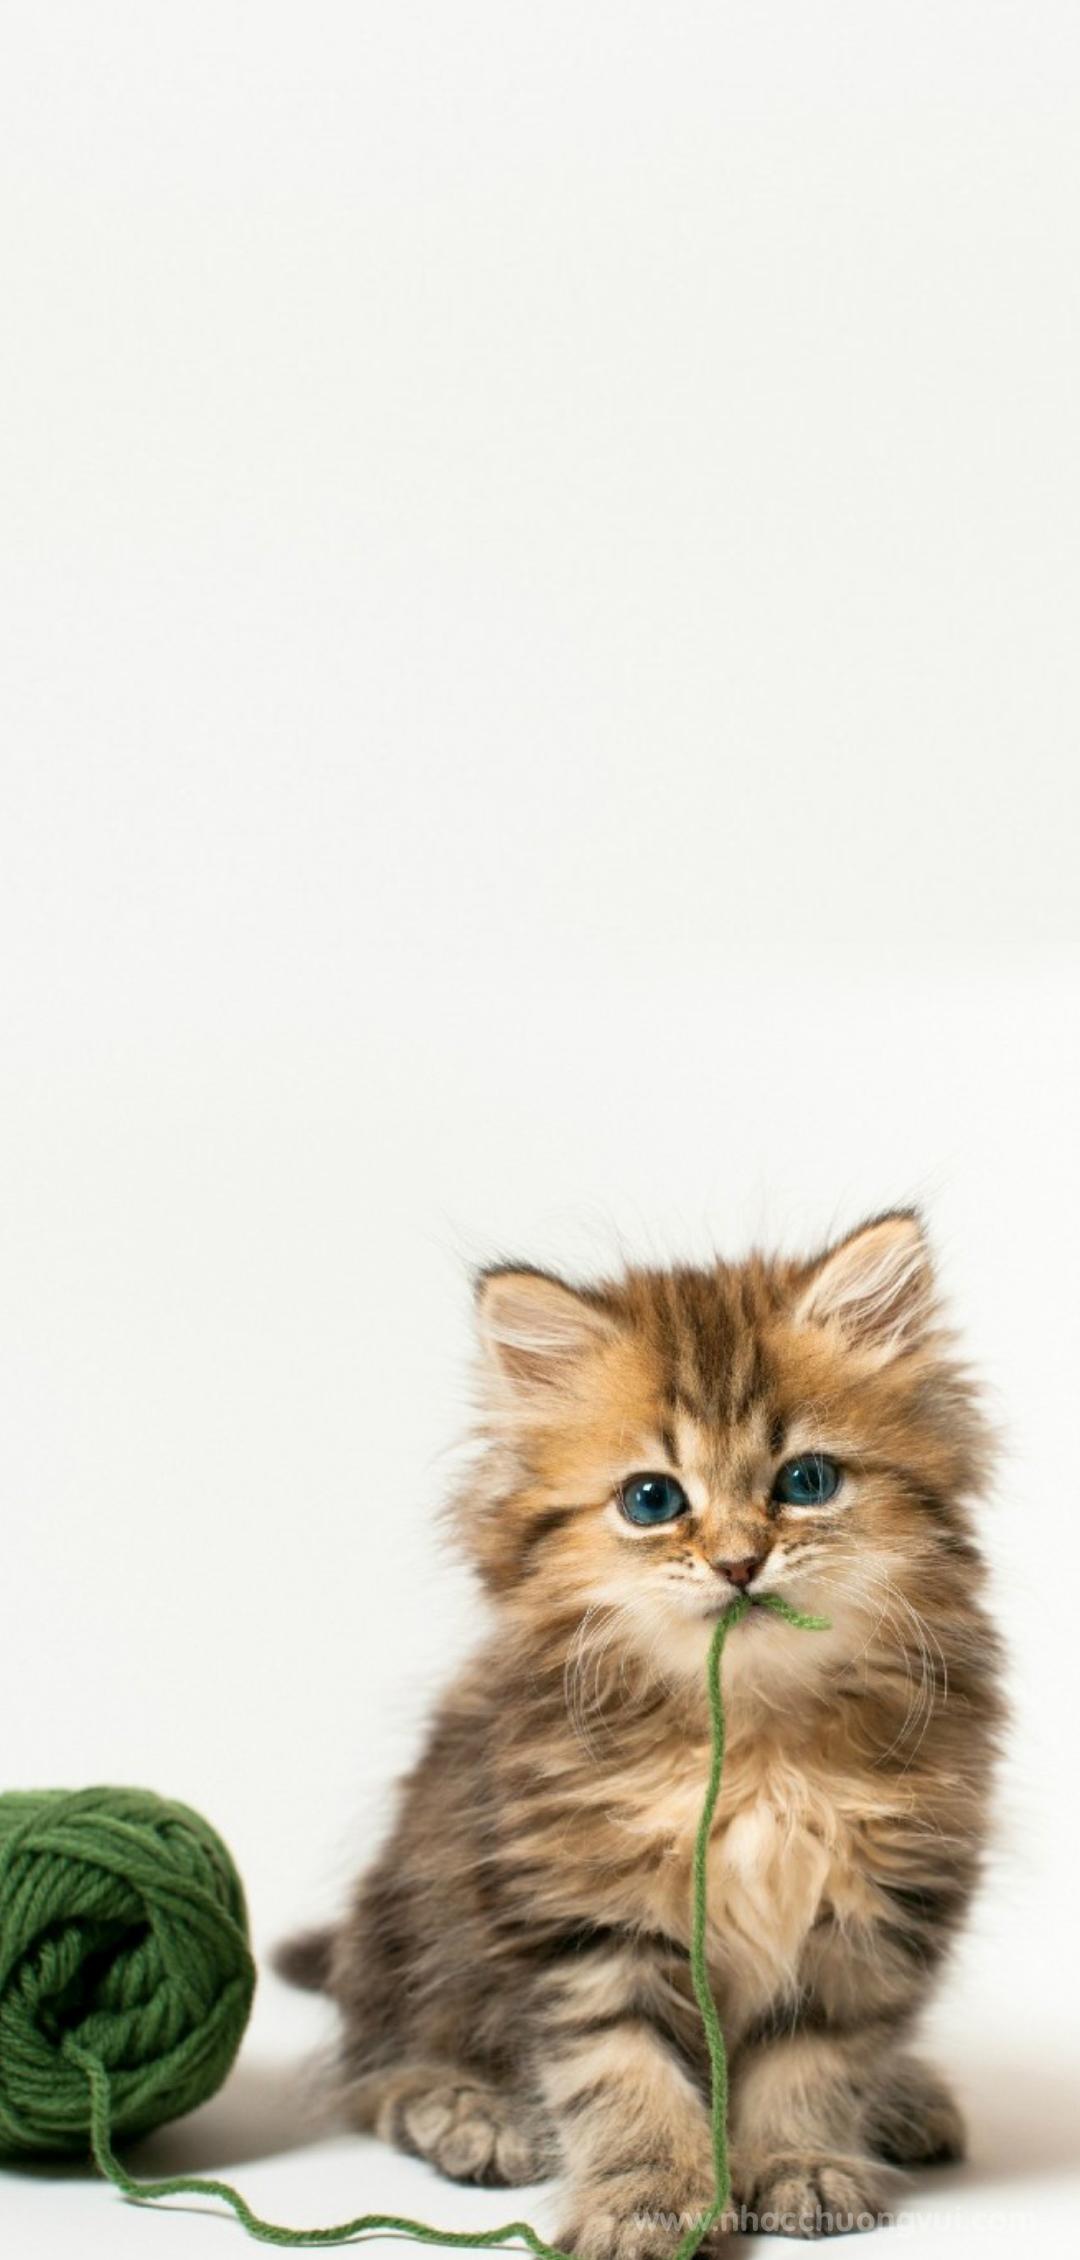 Hình nền mèo cho điện thoại dễ thương nhất 34